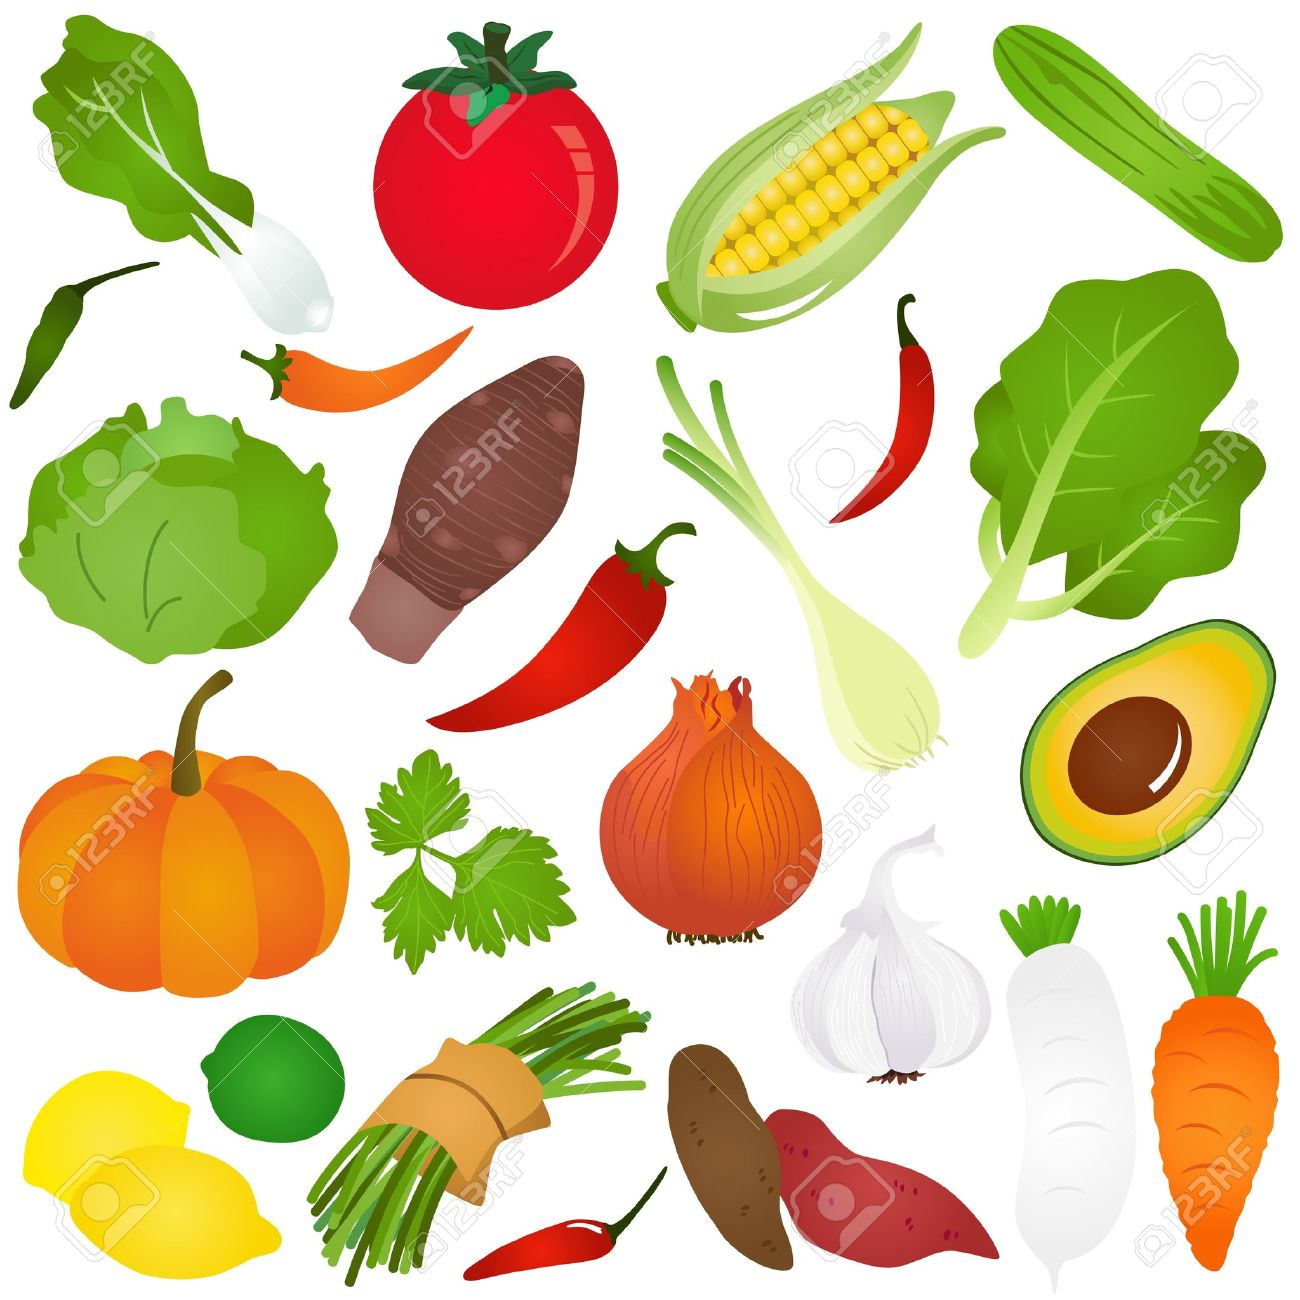 カラフルなかわいいアイコン: 果物、野菜、食品 ロイヤリティフリー